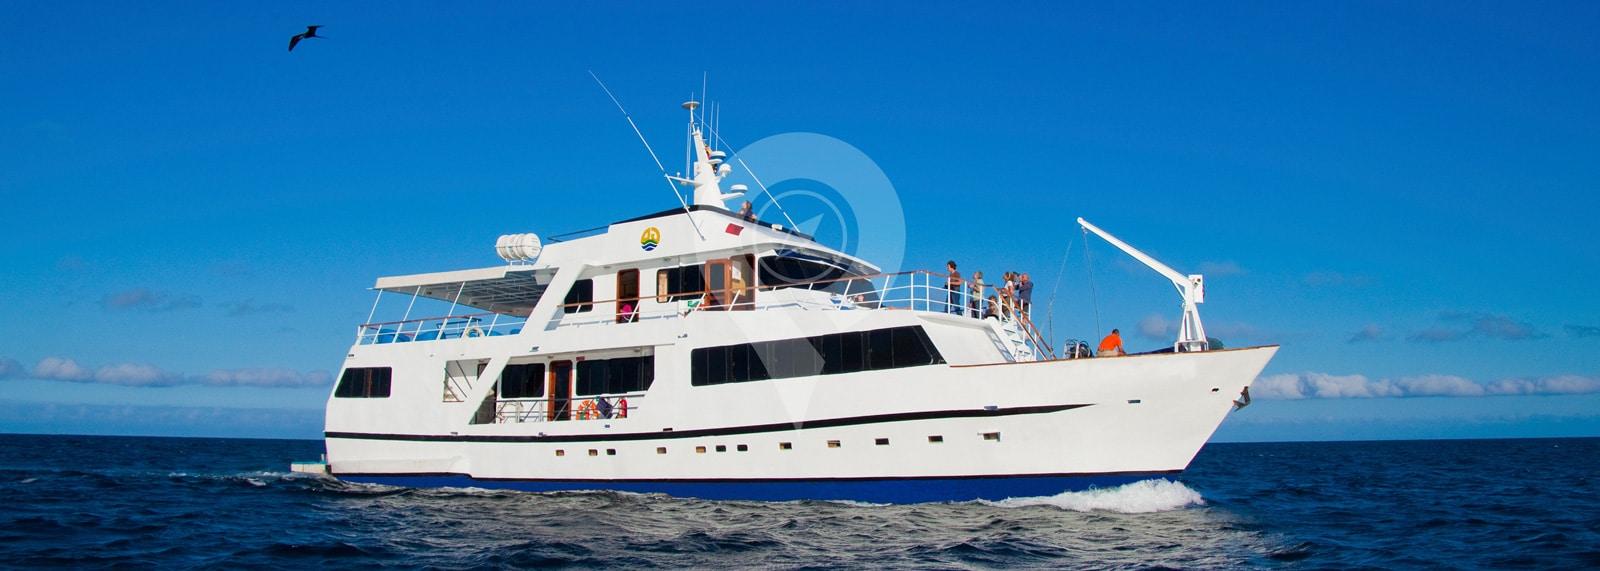 Equinox Galapagos Yacht